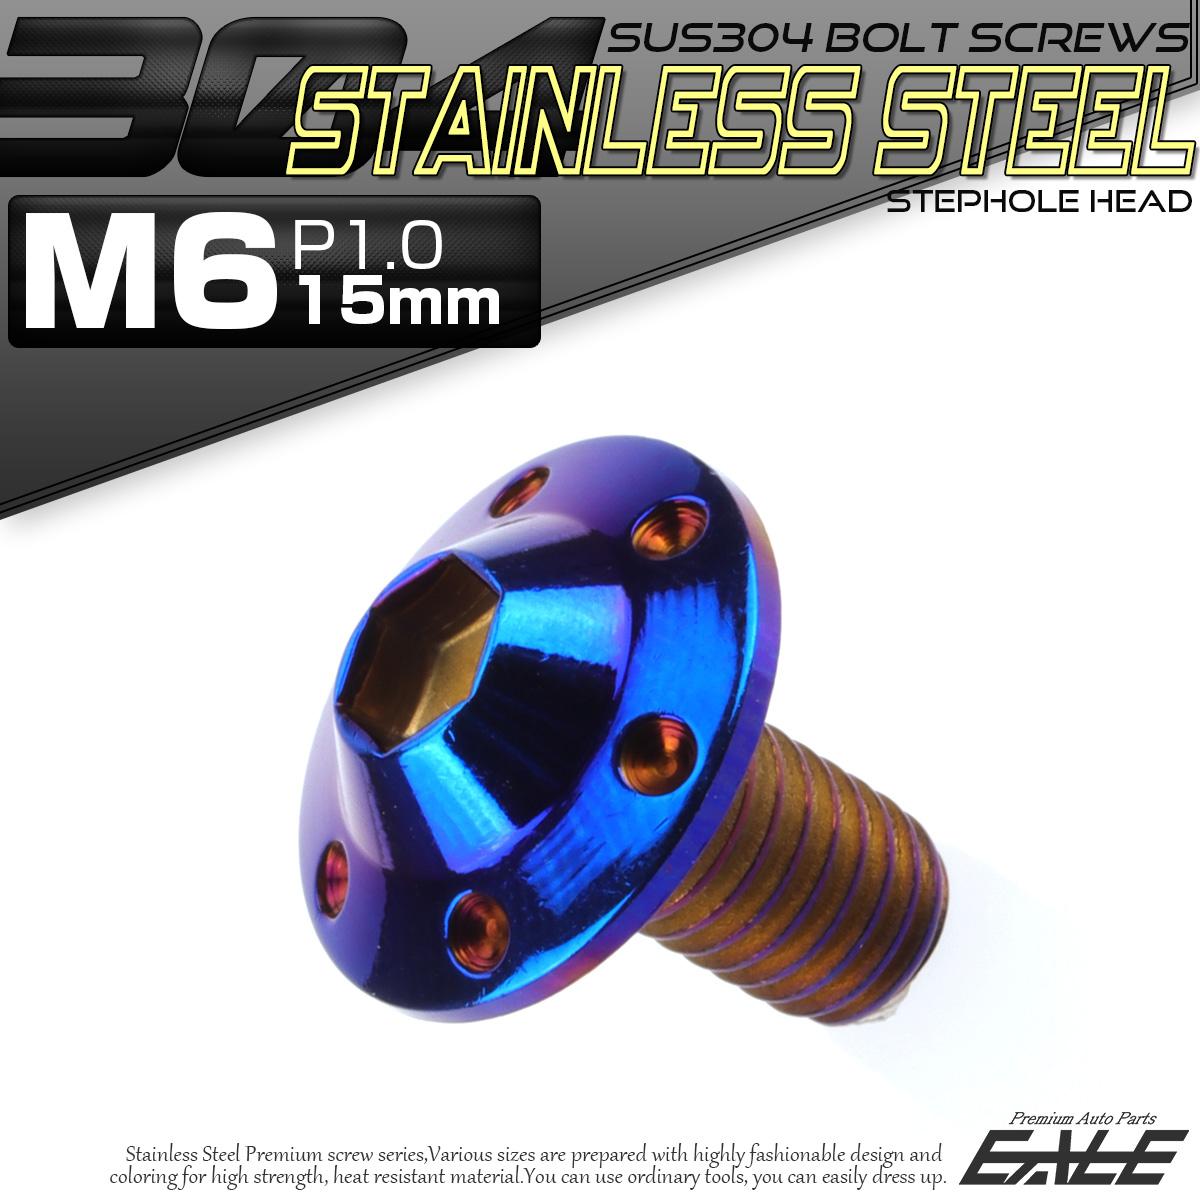 SUS304 フランジ付 ボタンボルト M6×15mm P1.0 六角穴  焼きチタン ステップホールヘッド ステンレス製 TR0206